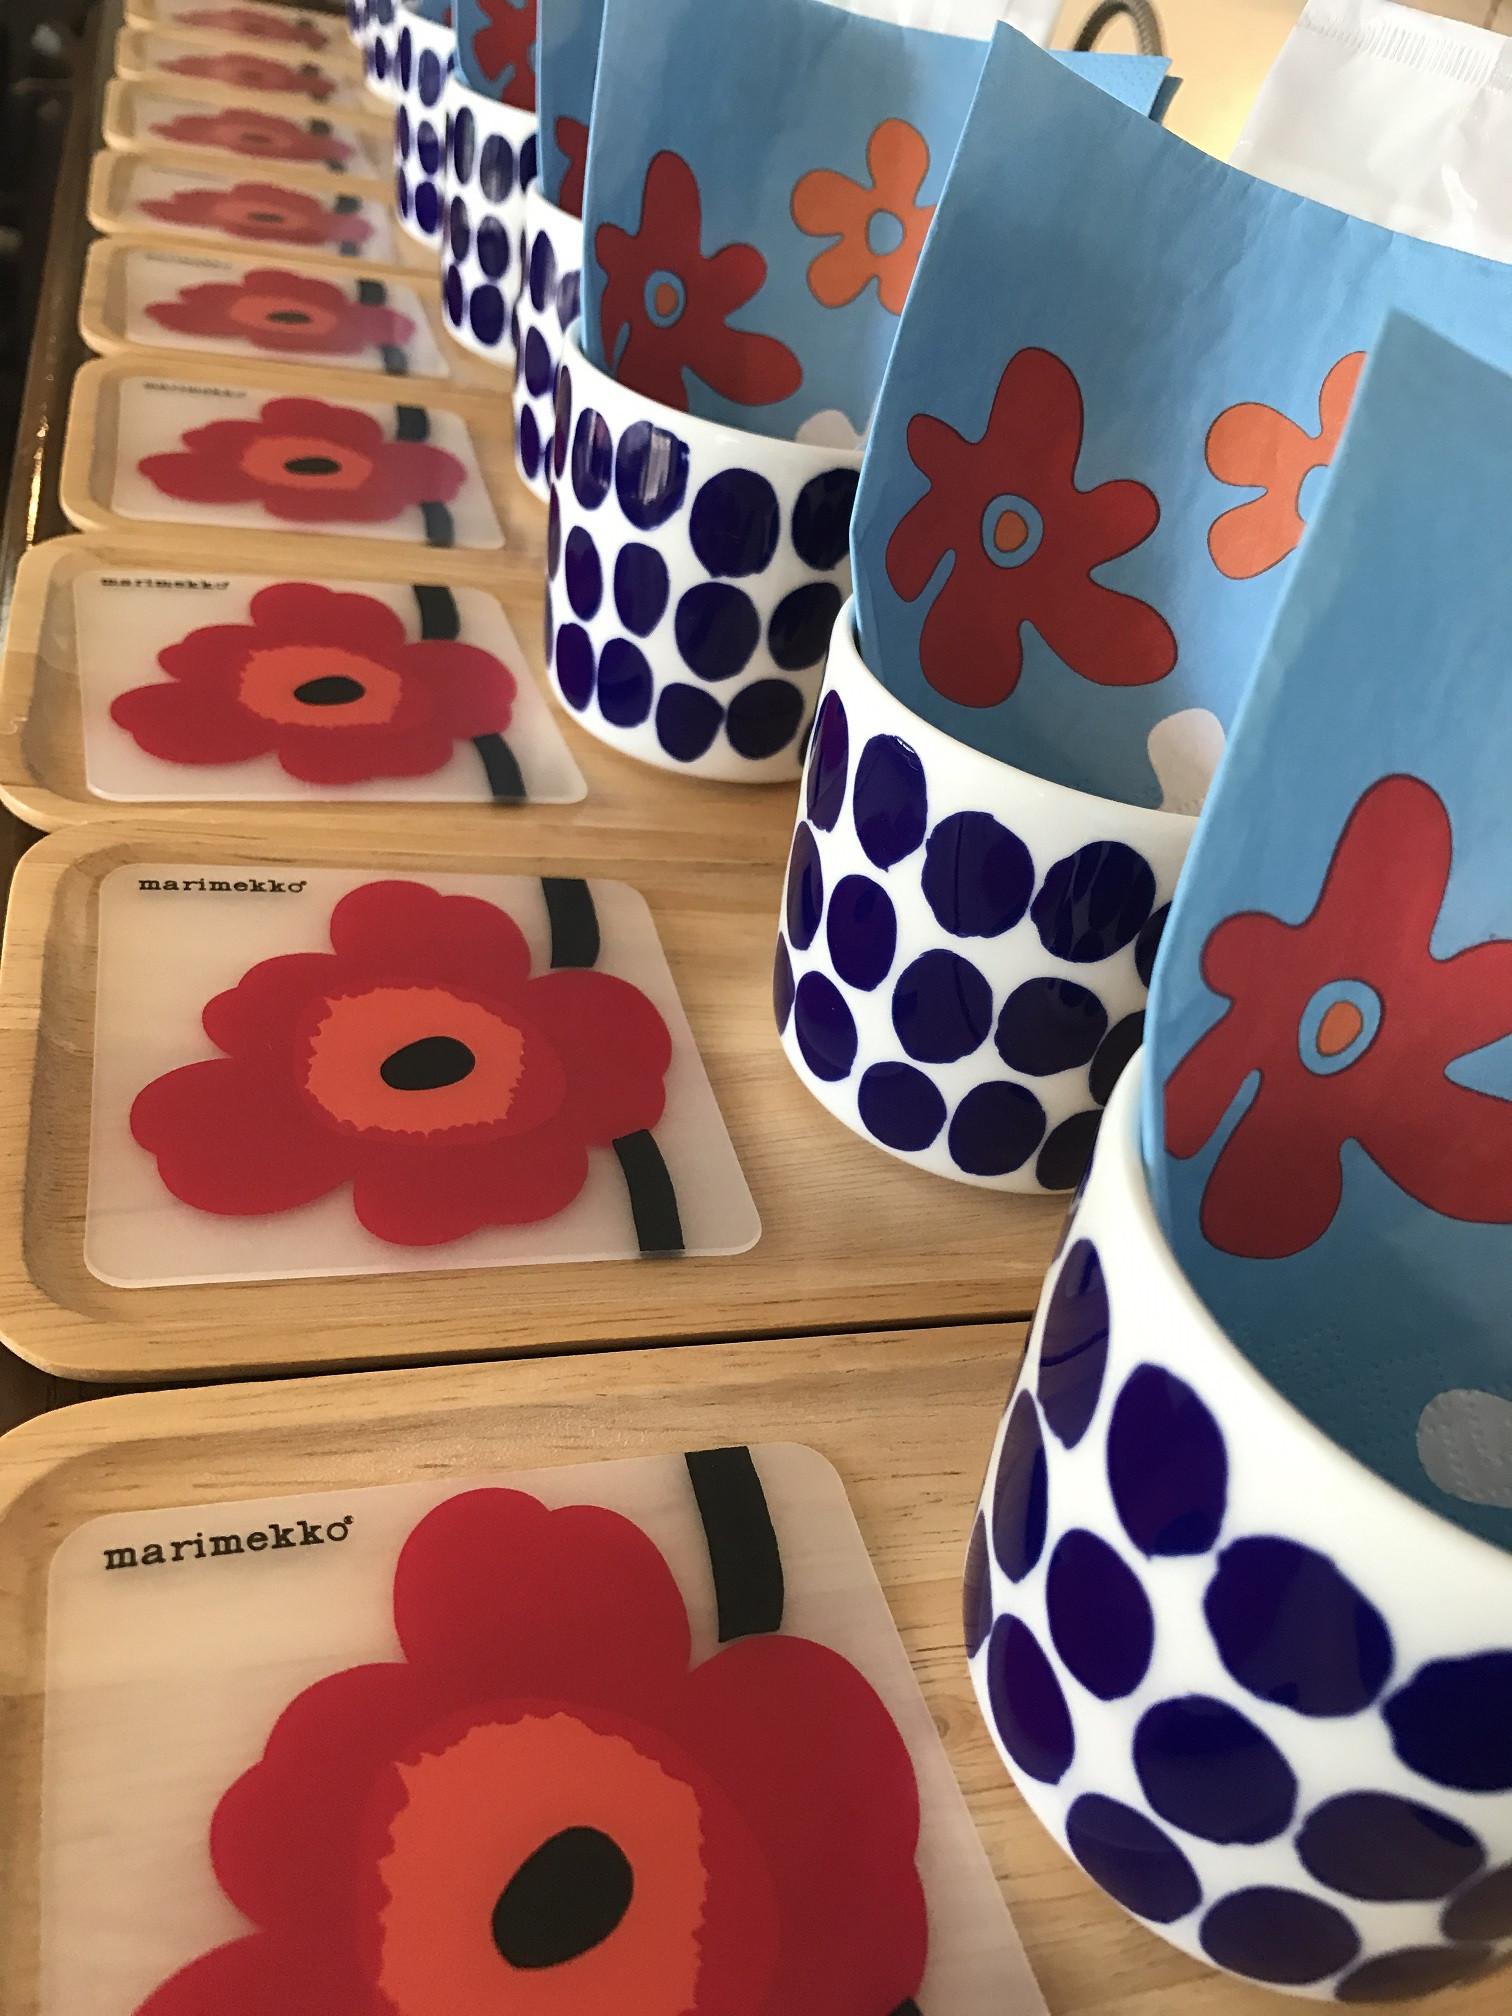 Marimekko CAFE 2019